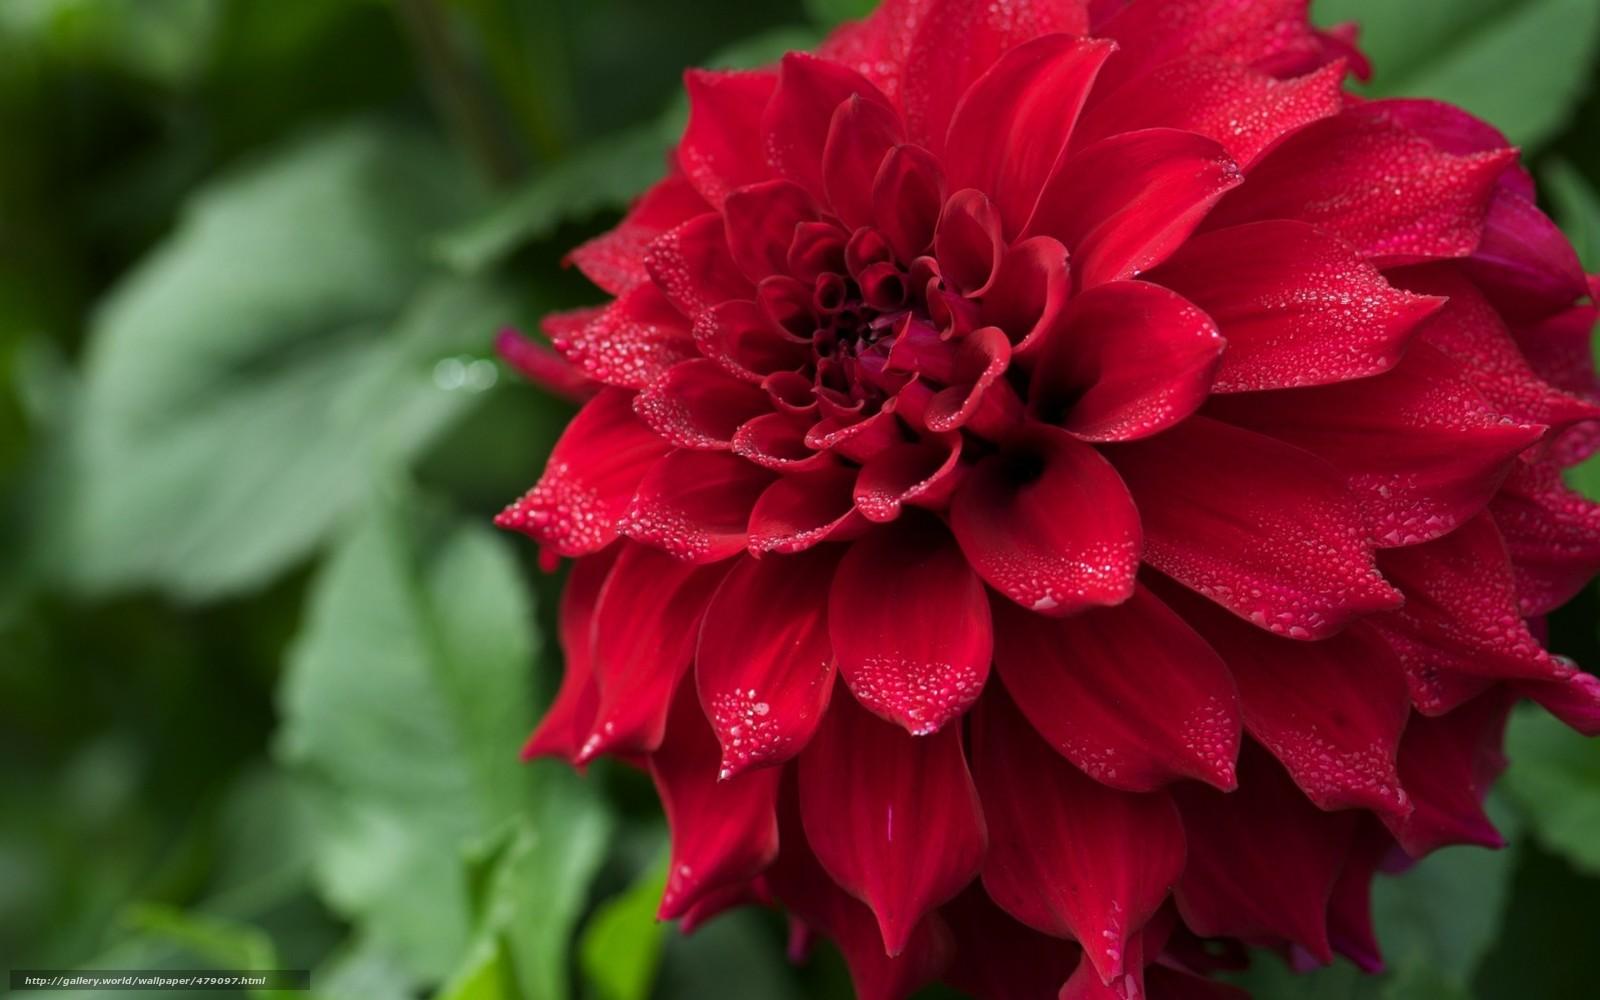 Скачать обои цветок,  георгин,  красный,  макро бесплатно для рабочего стола в разрешении 1680x1050 — картинка №479097